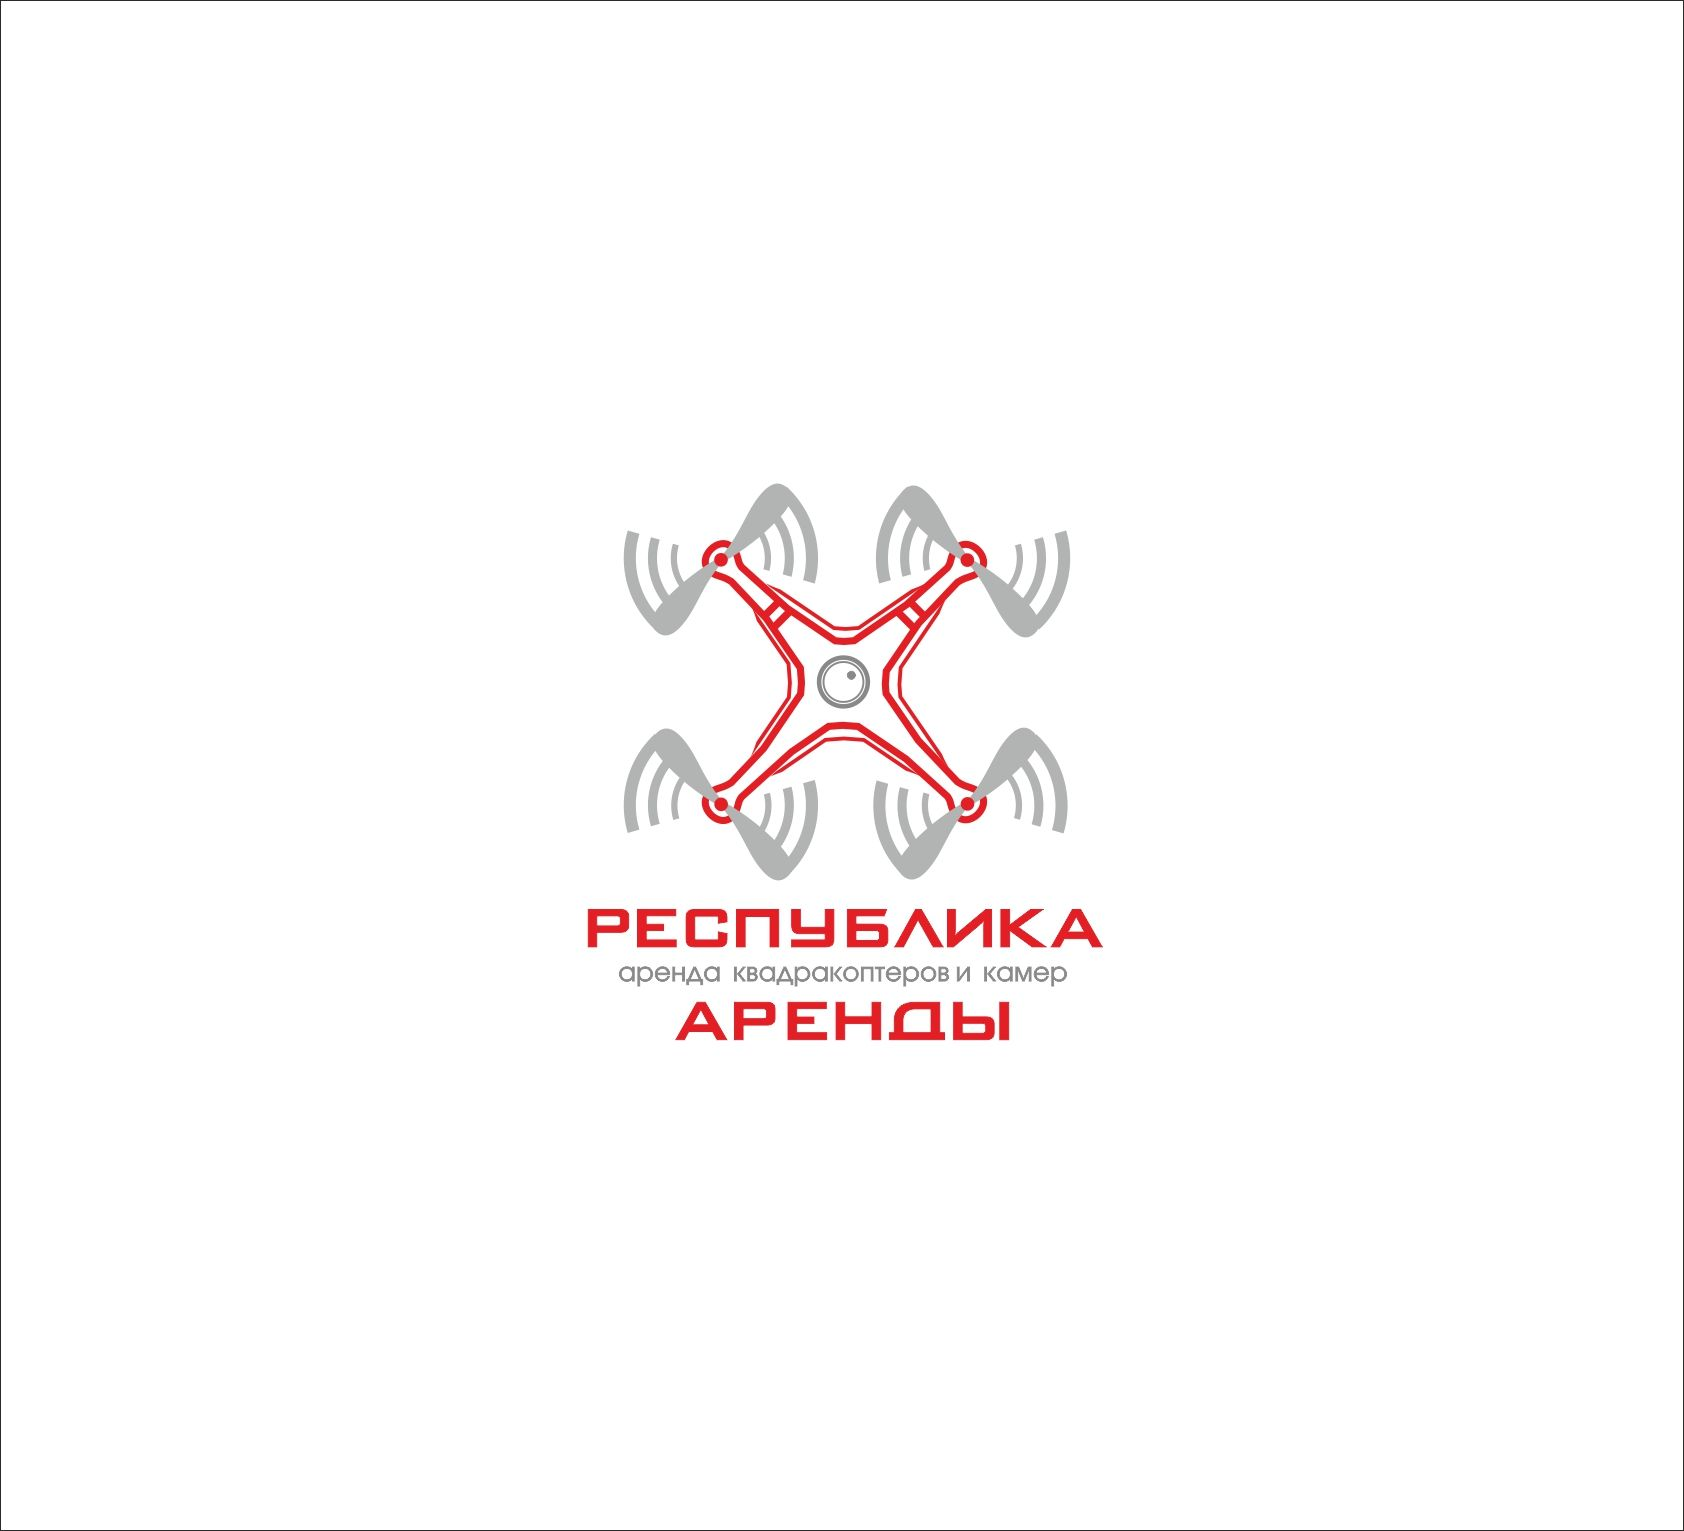 Логотип для компании по аренде квадракоптеров - дизайнер art-valeri